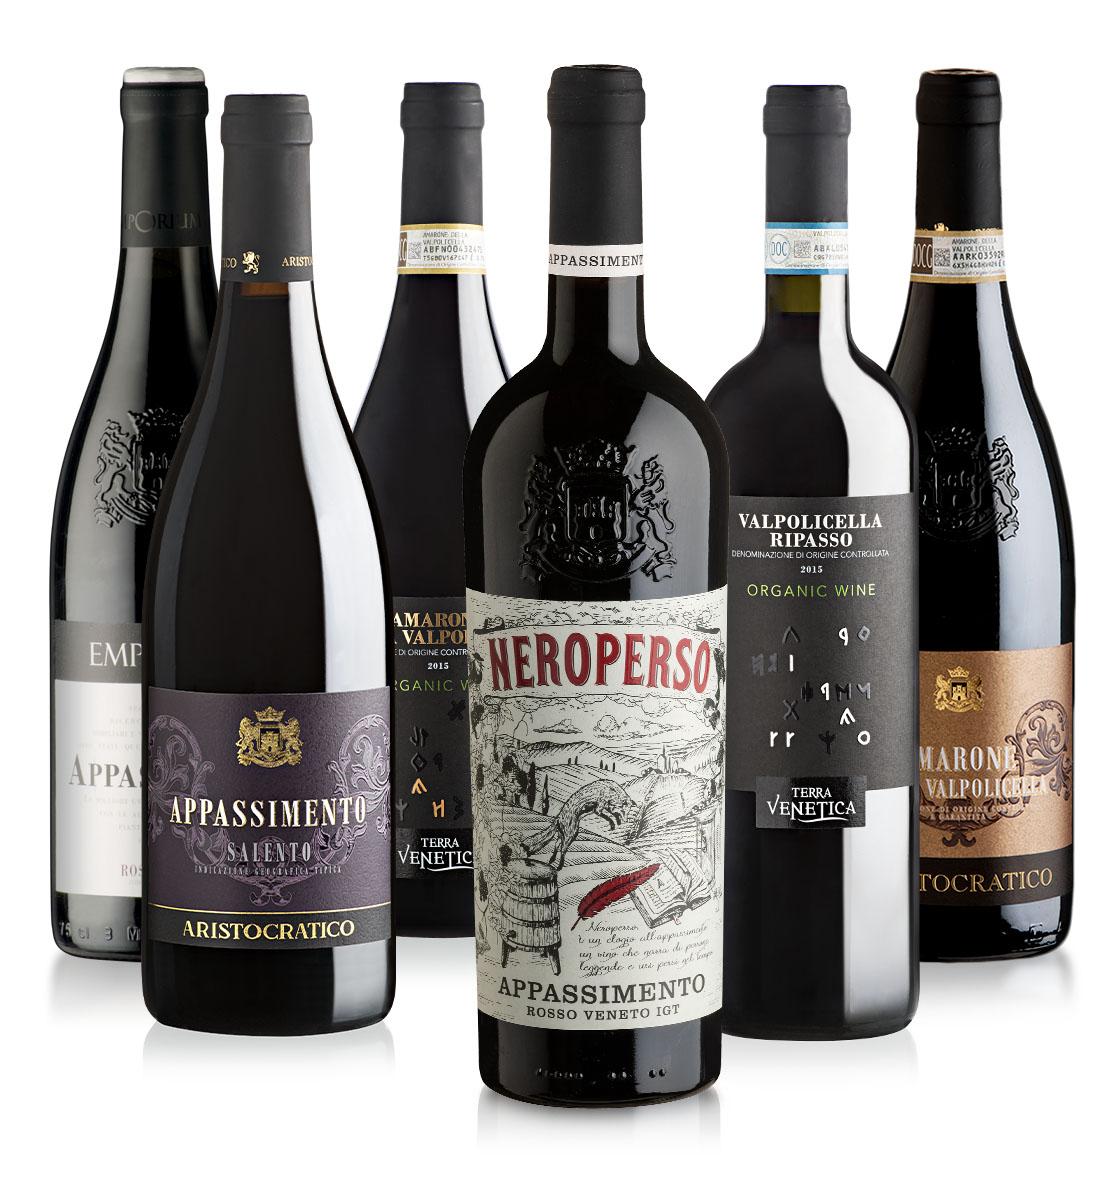 Appassimento wines